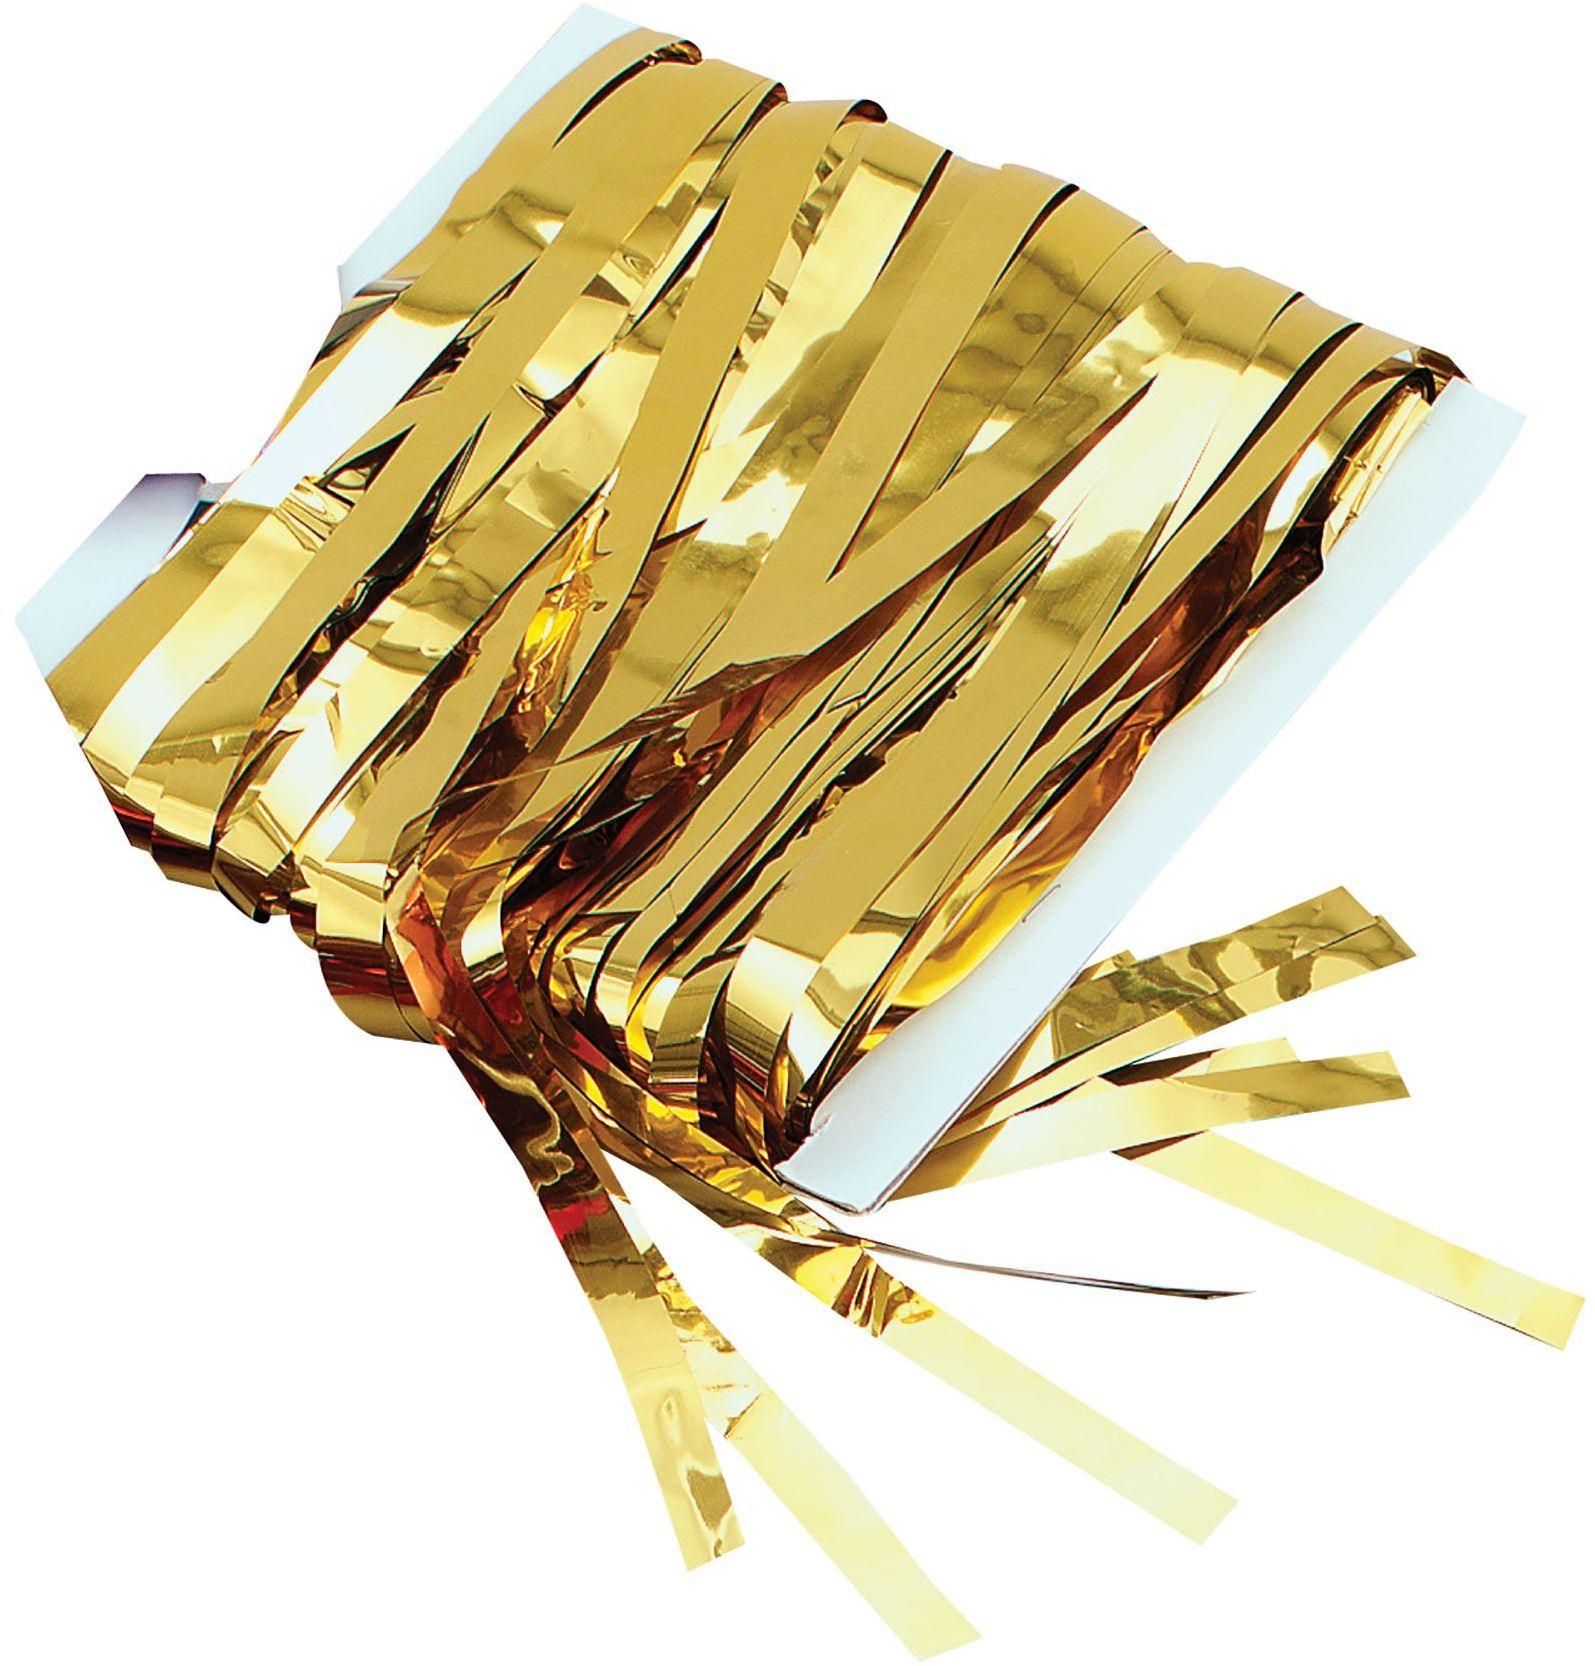 Bristol Novelty PG001A złota zasłona sznurkowa, jeden rozmiar